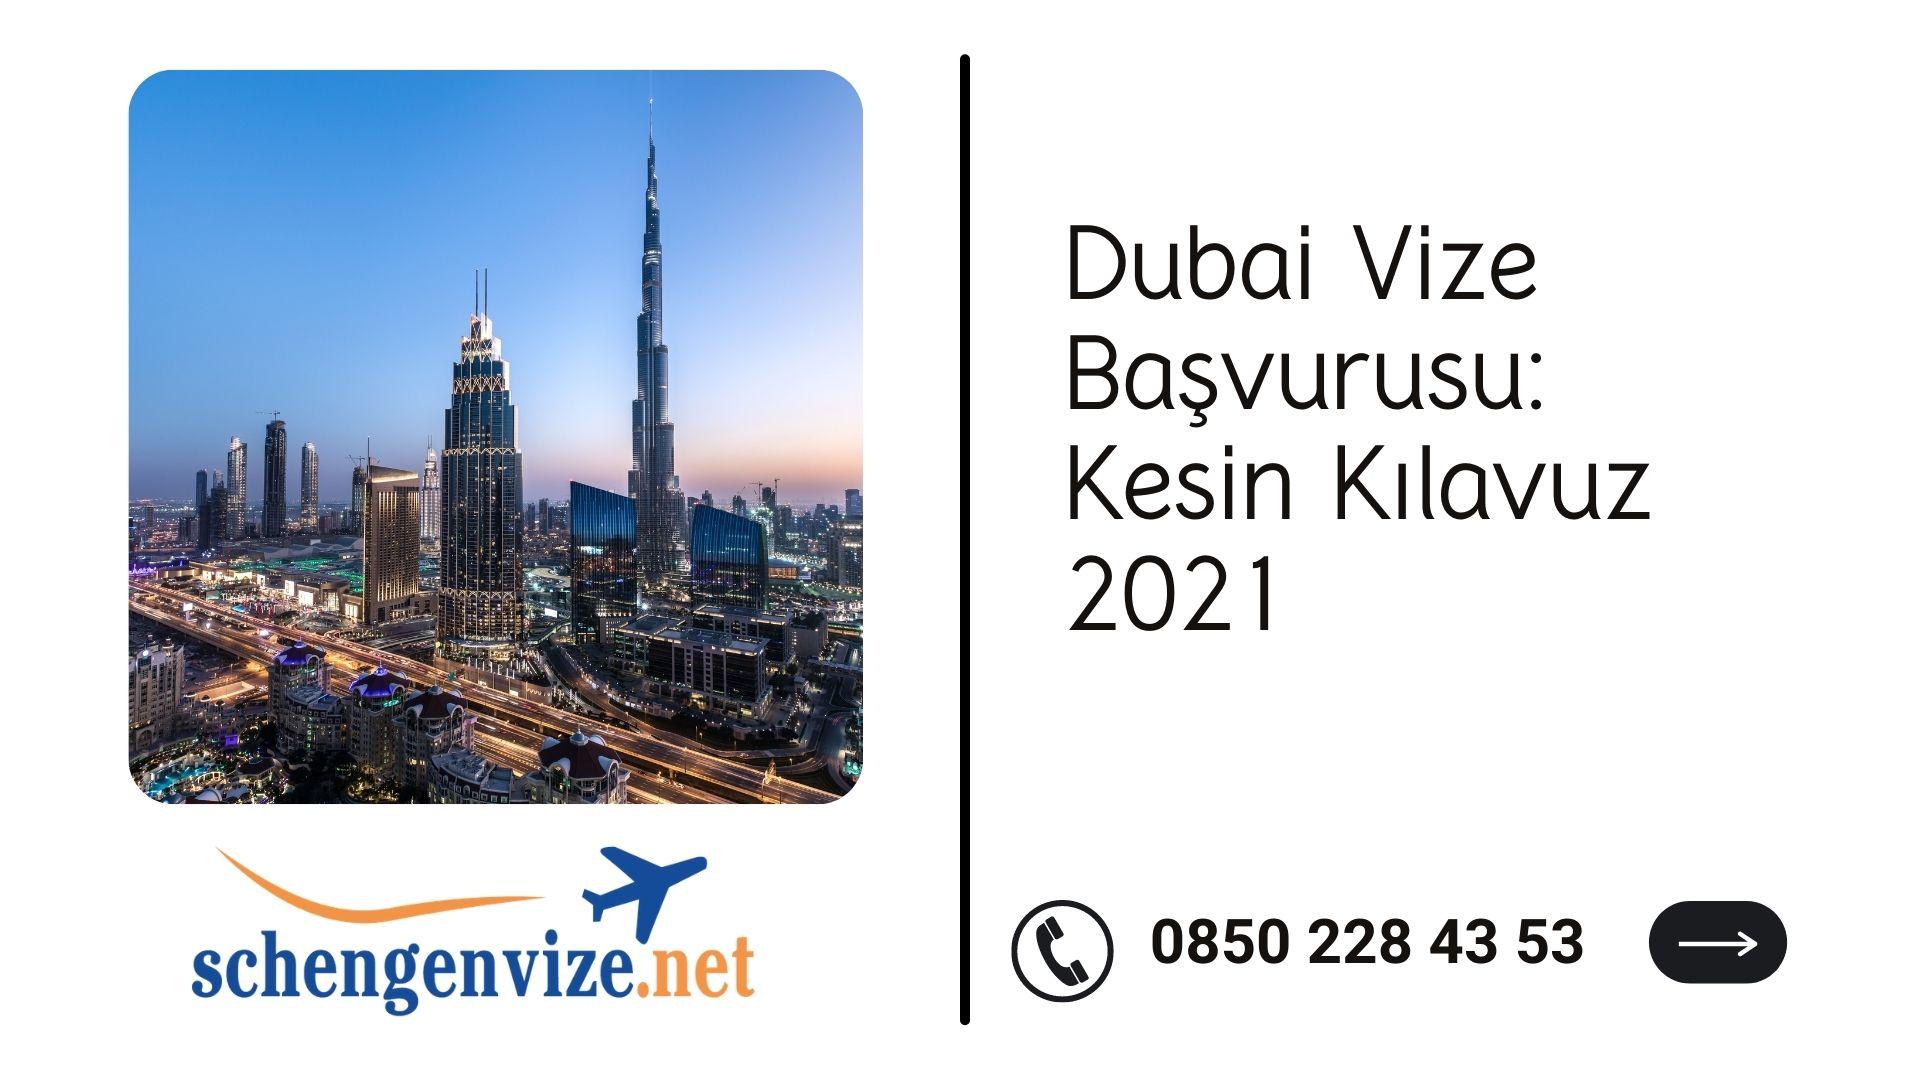 Dubai Vize Başvurusu: Kesin Kılavuz 2021